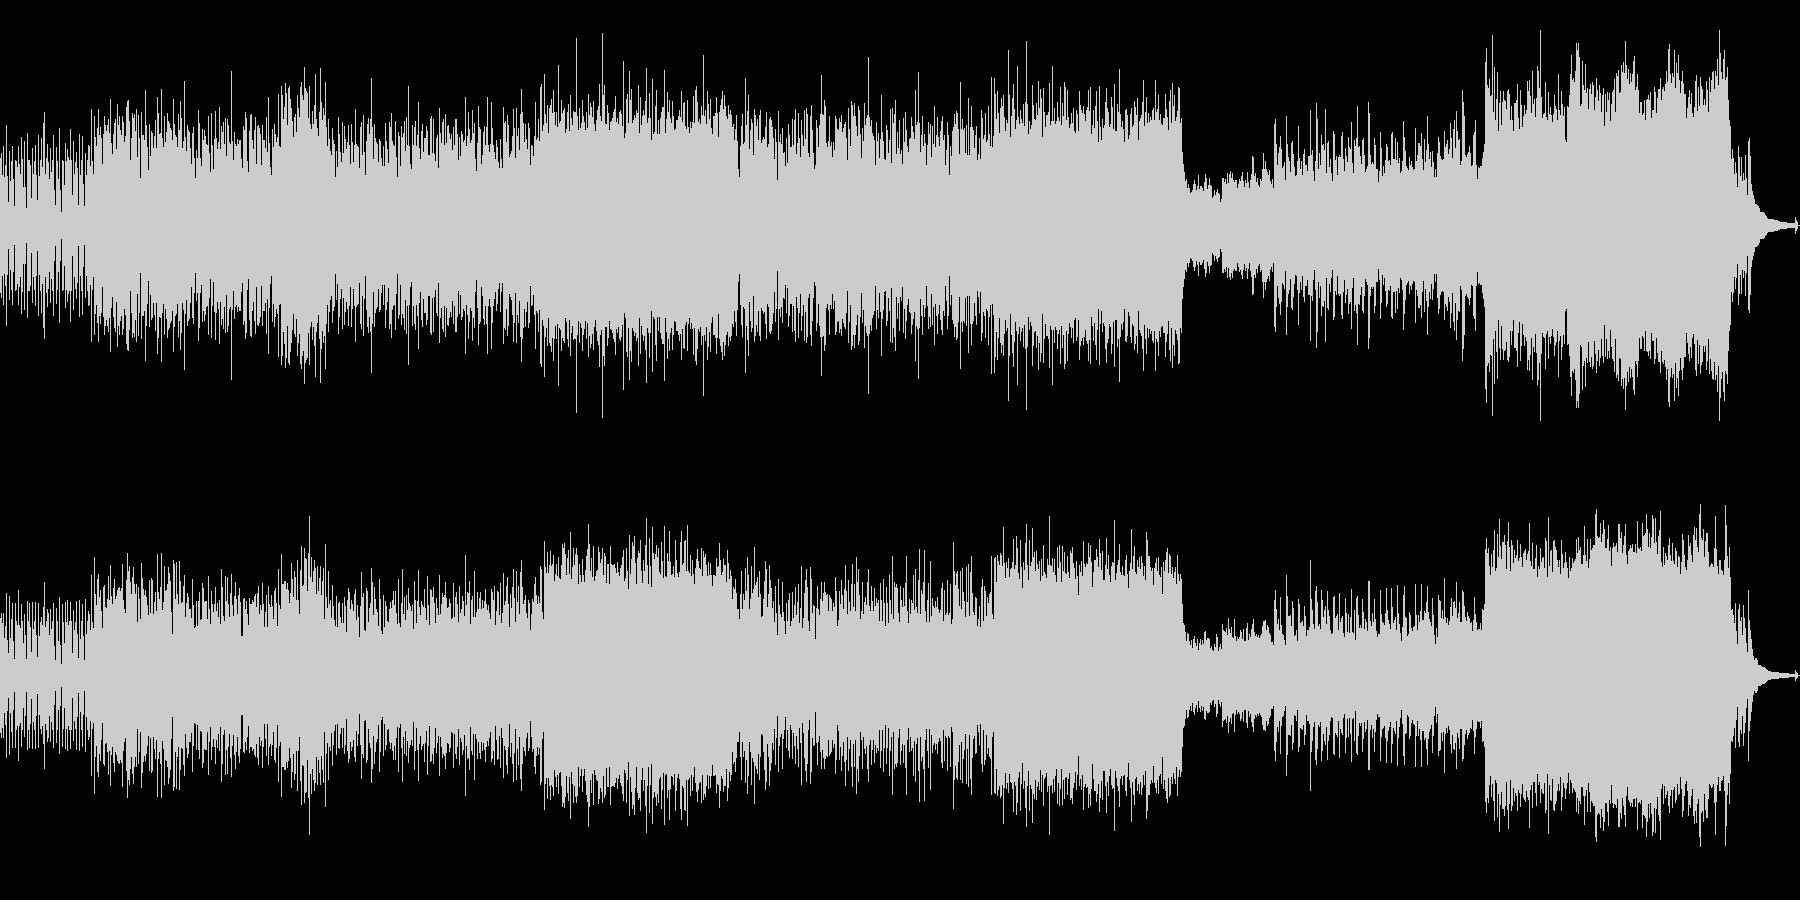 メロディアスなポップロックの未再生の波形